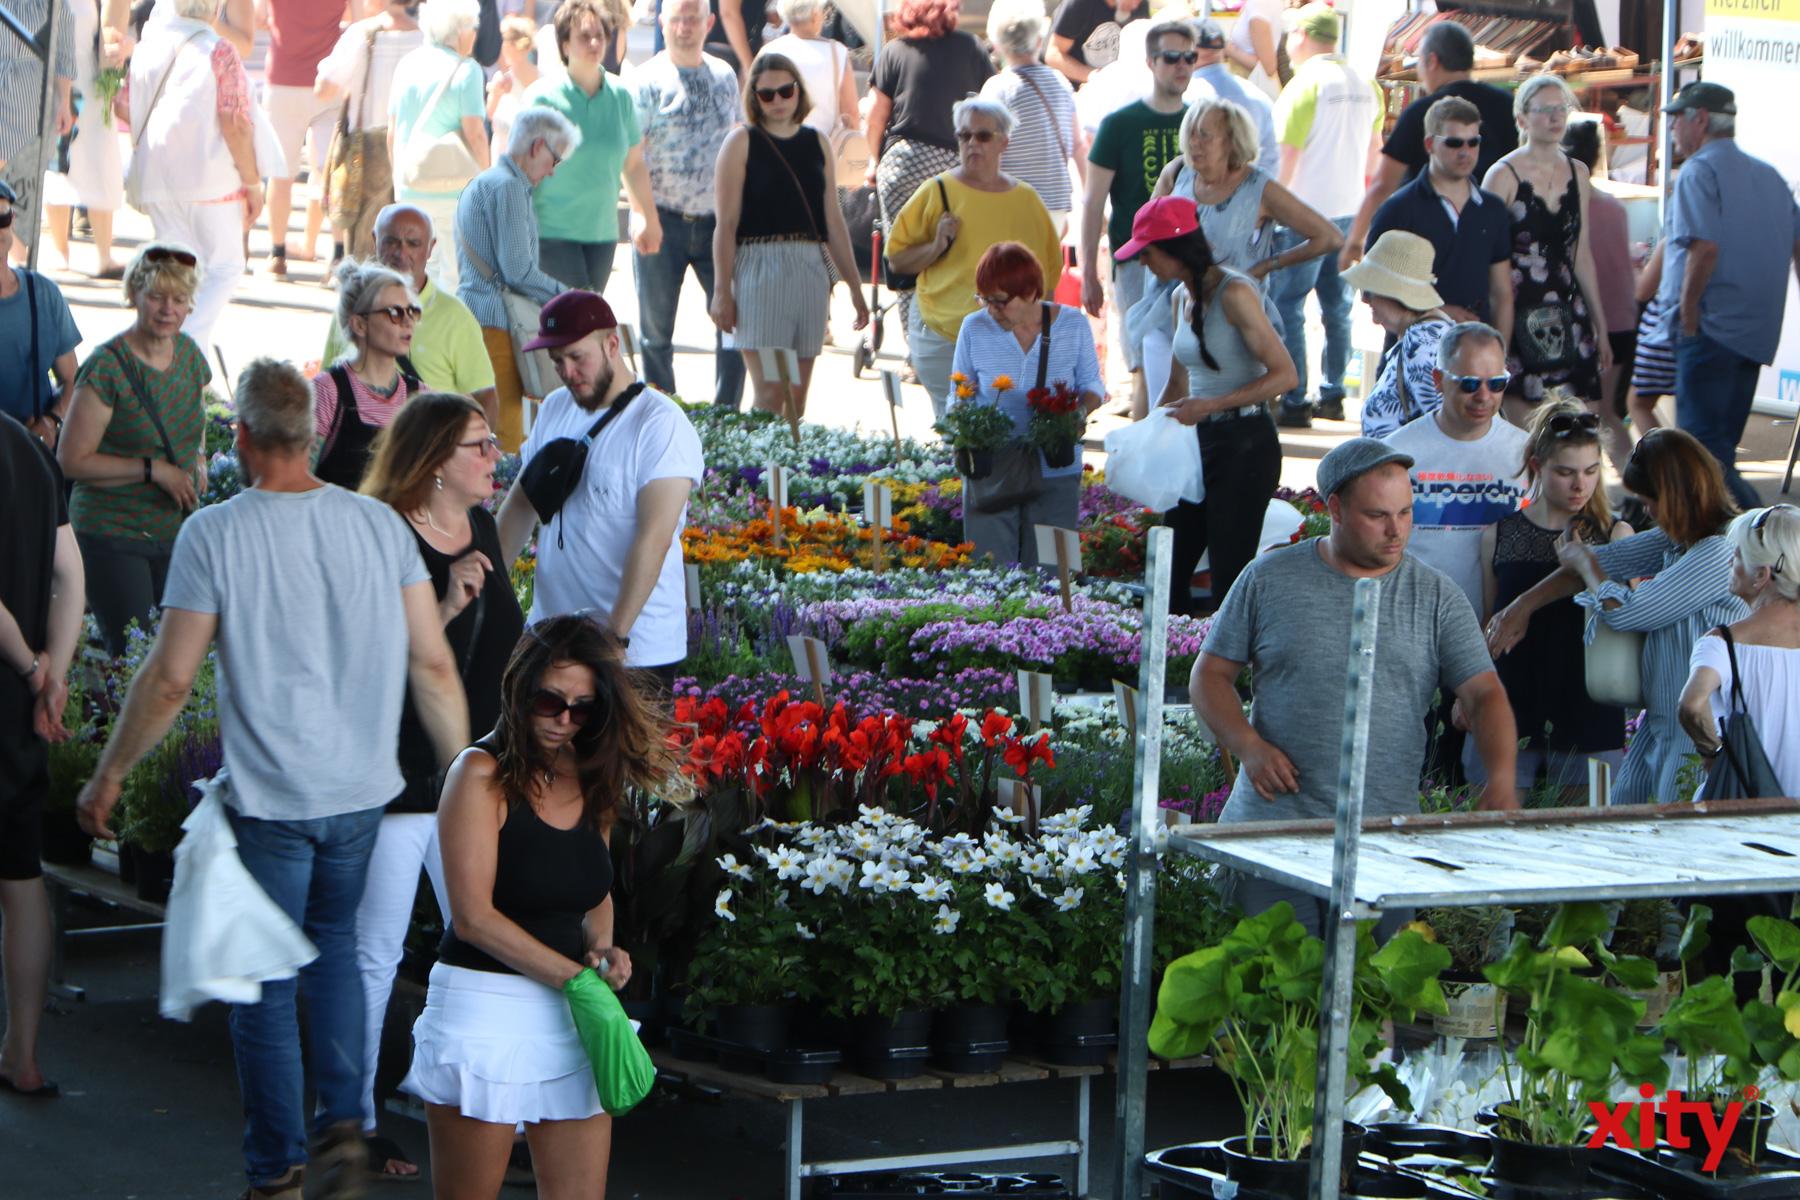 Auch Grünpflanzen wurden angeboten (Foto: xity)